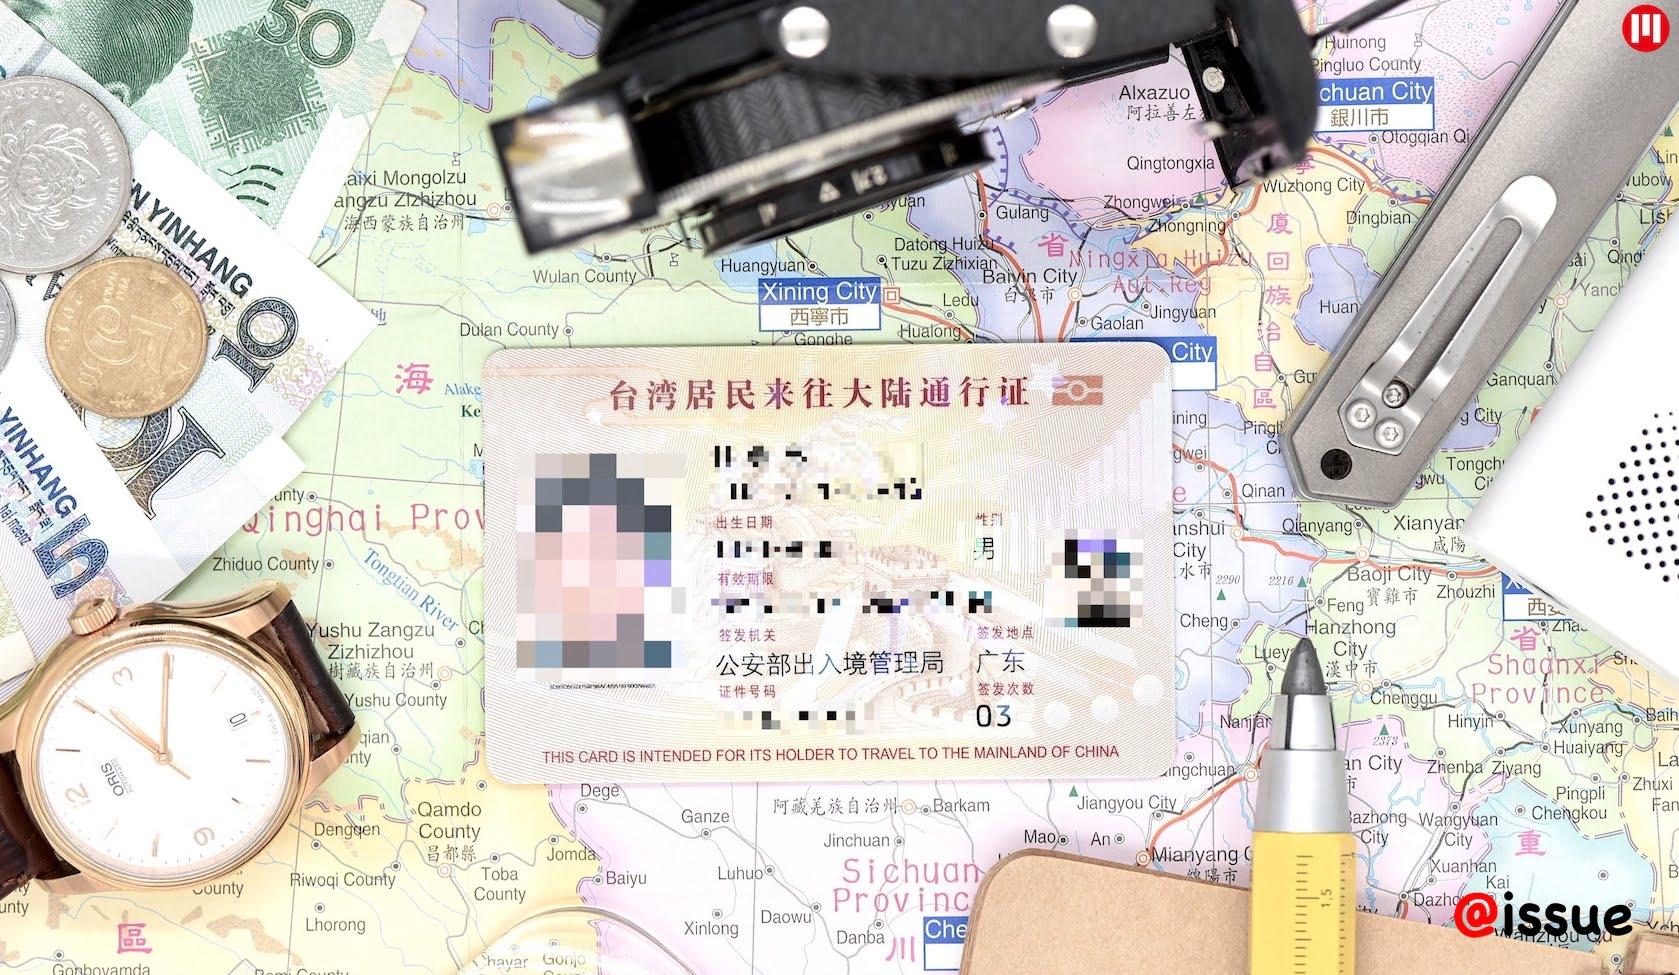 中國大陸新政策:18碼台灣居民居住證 9/1 上路(等同大陸身份證)